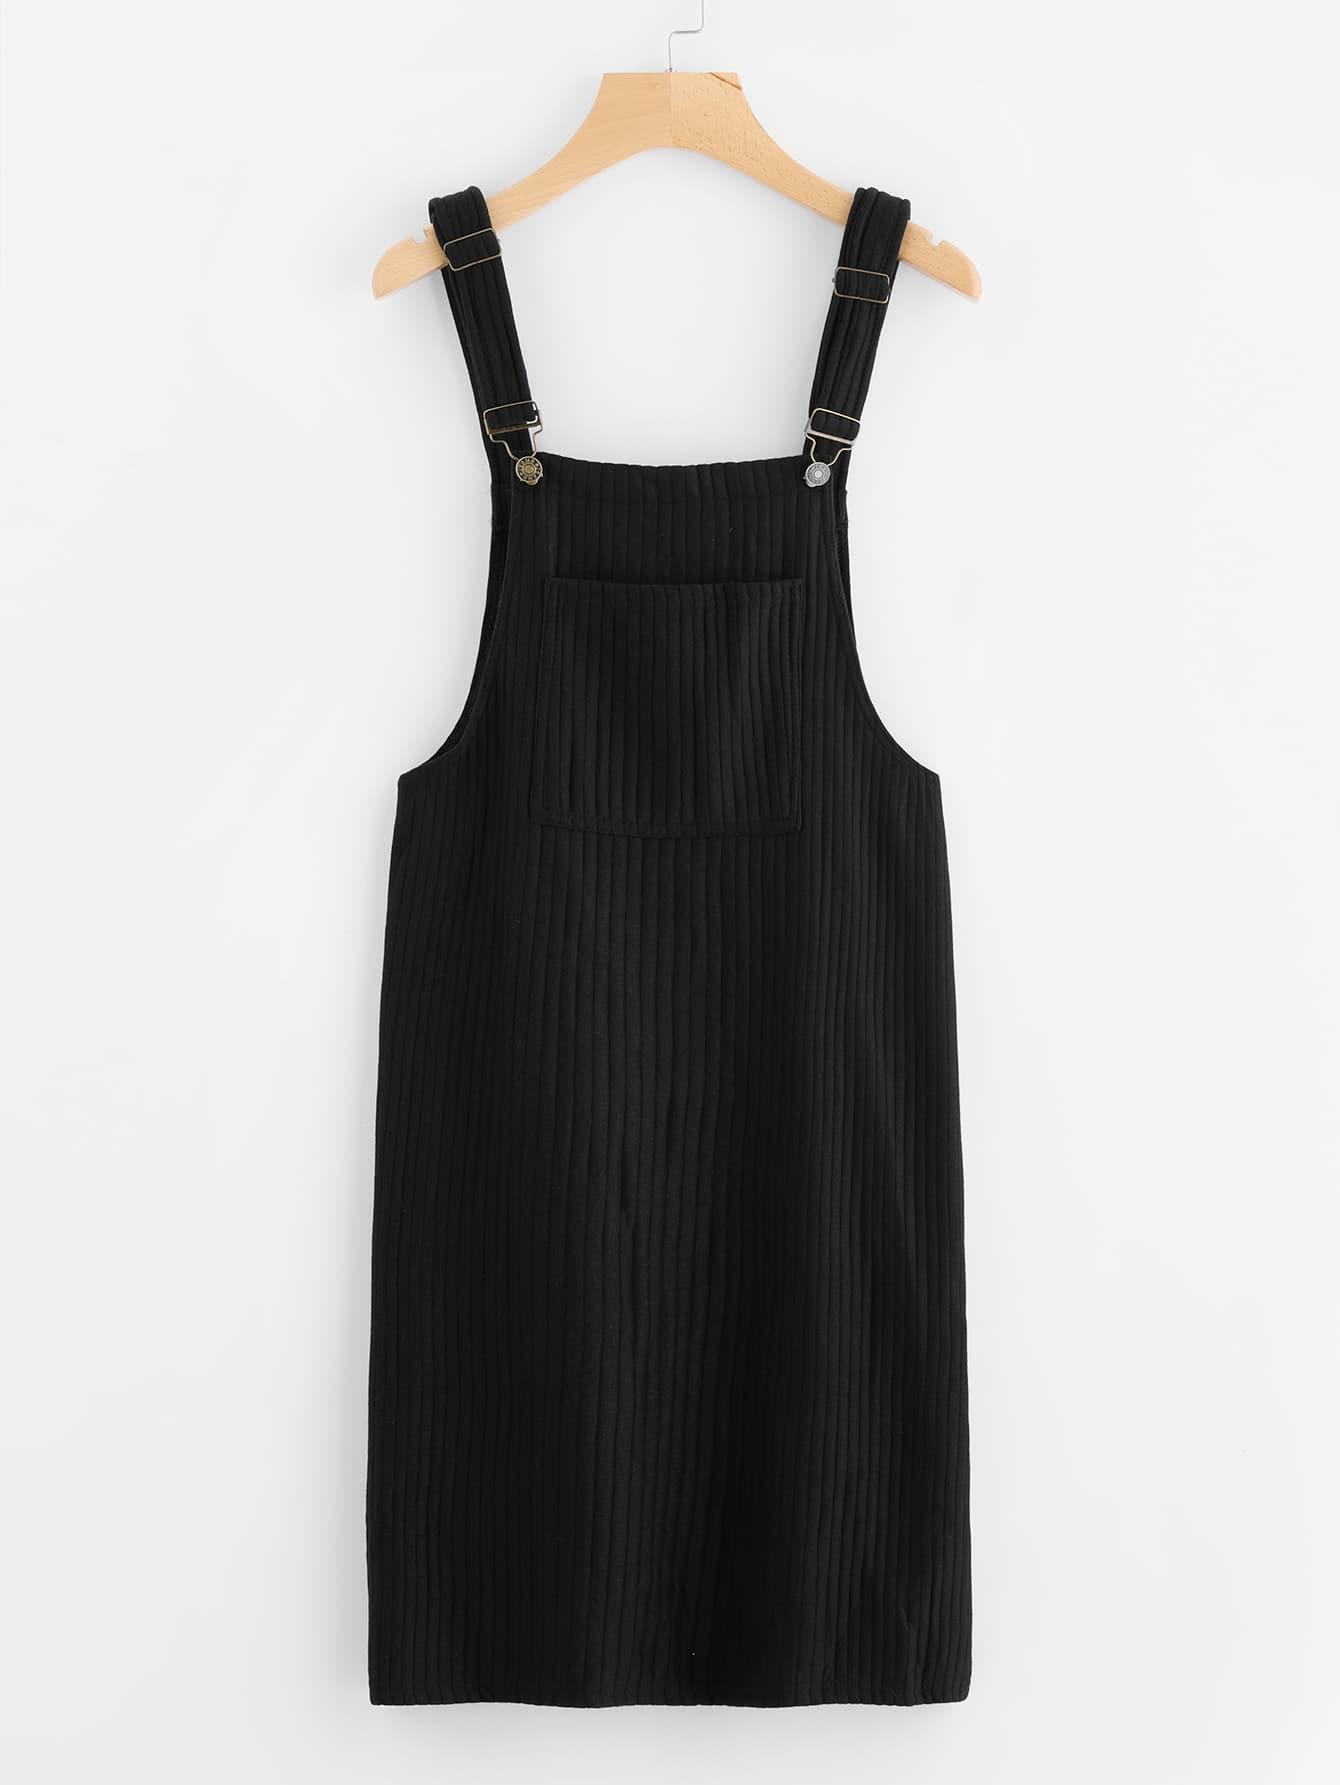 Pocket Front Ribbed Pinafore Dress RDRE170809120